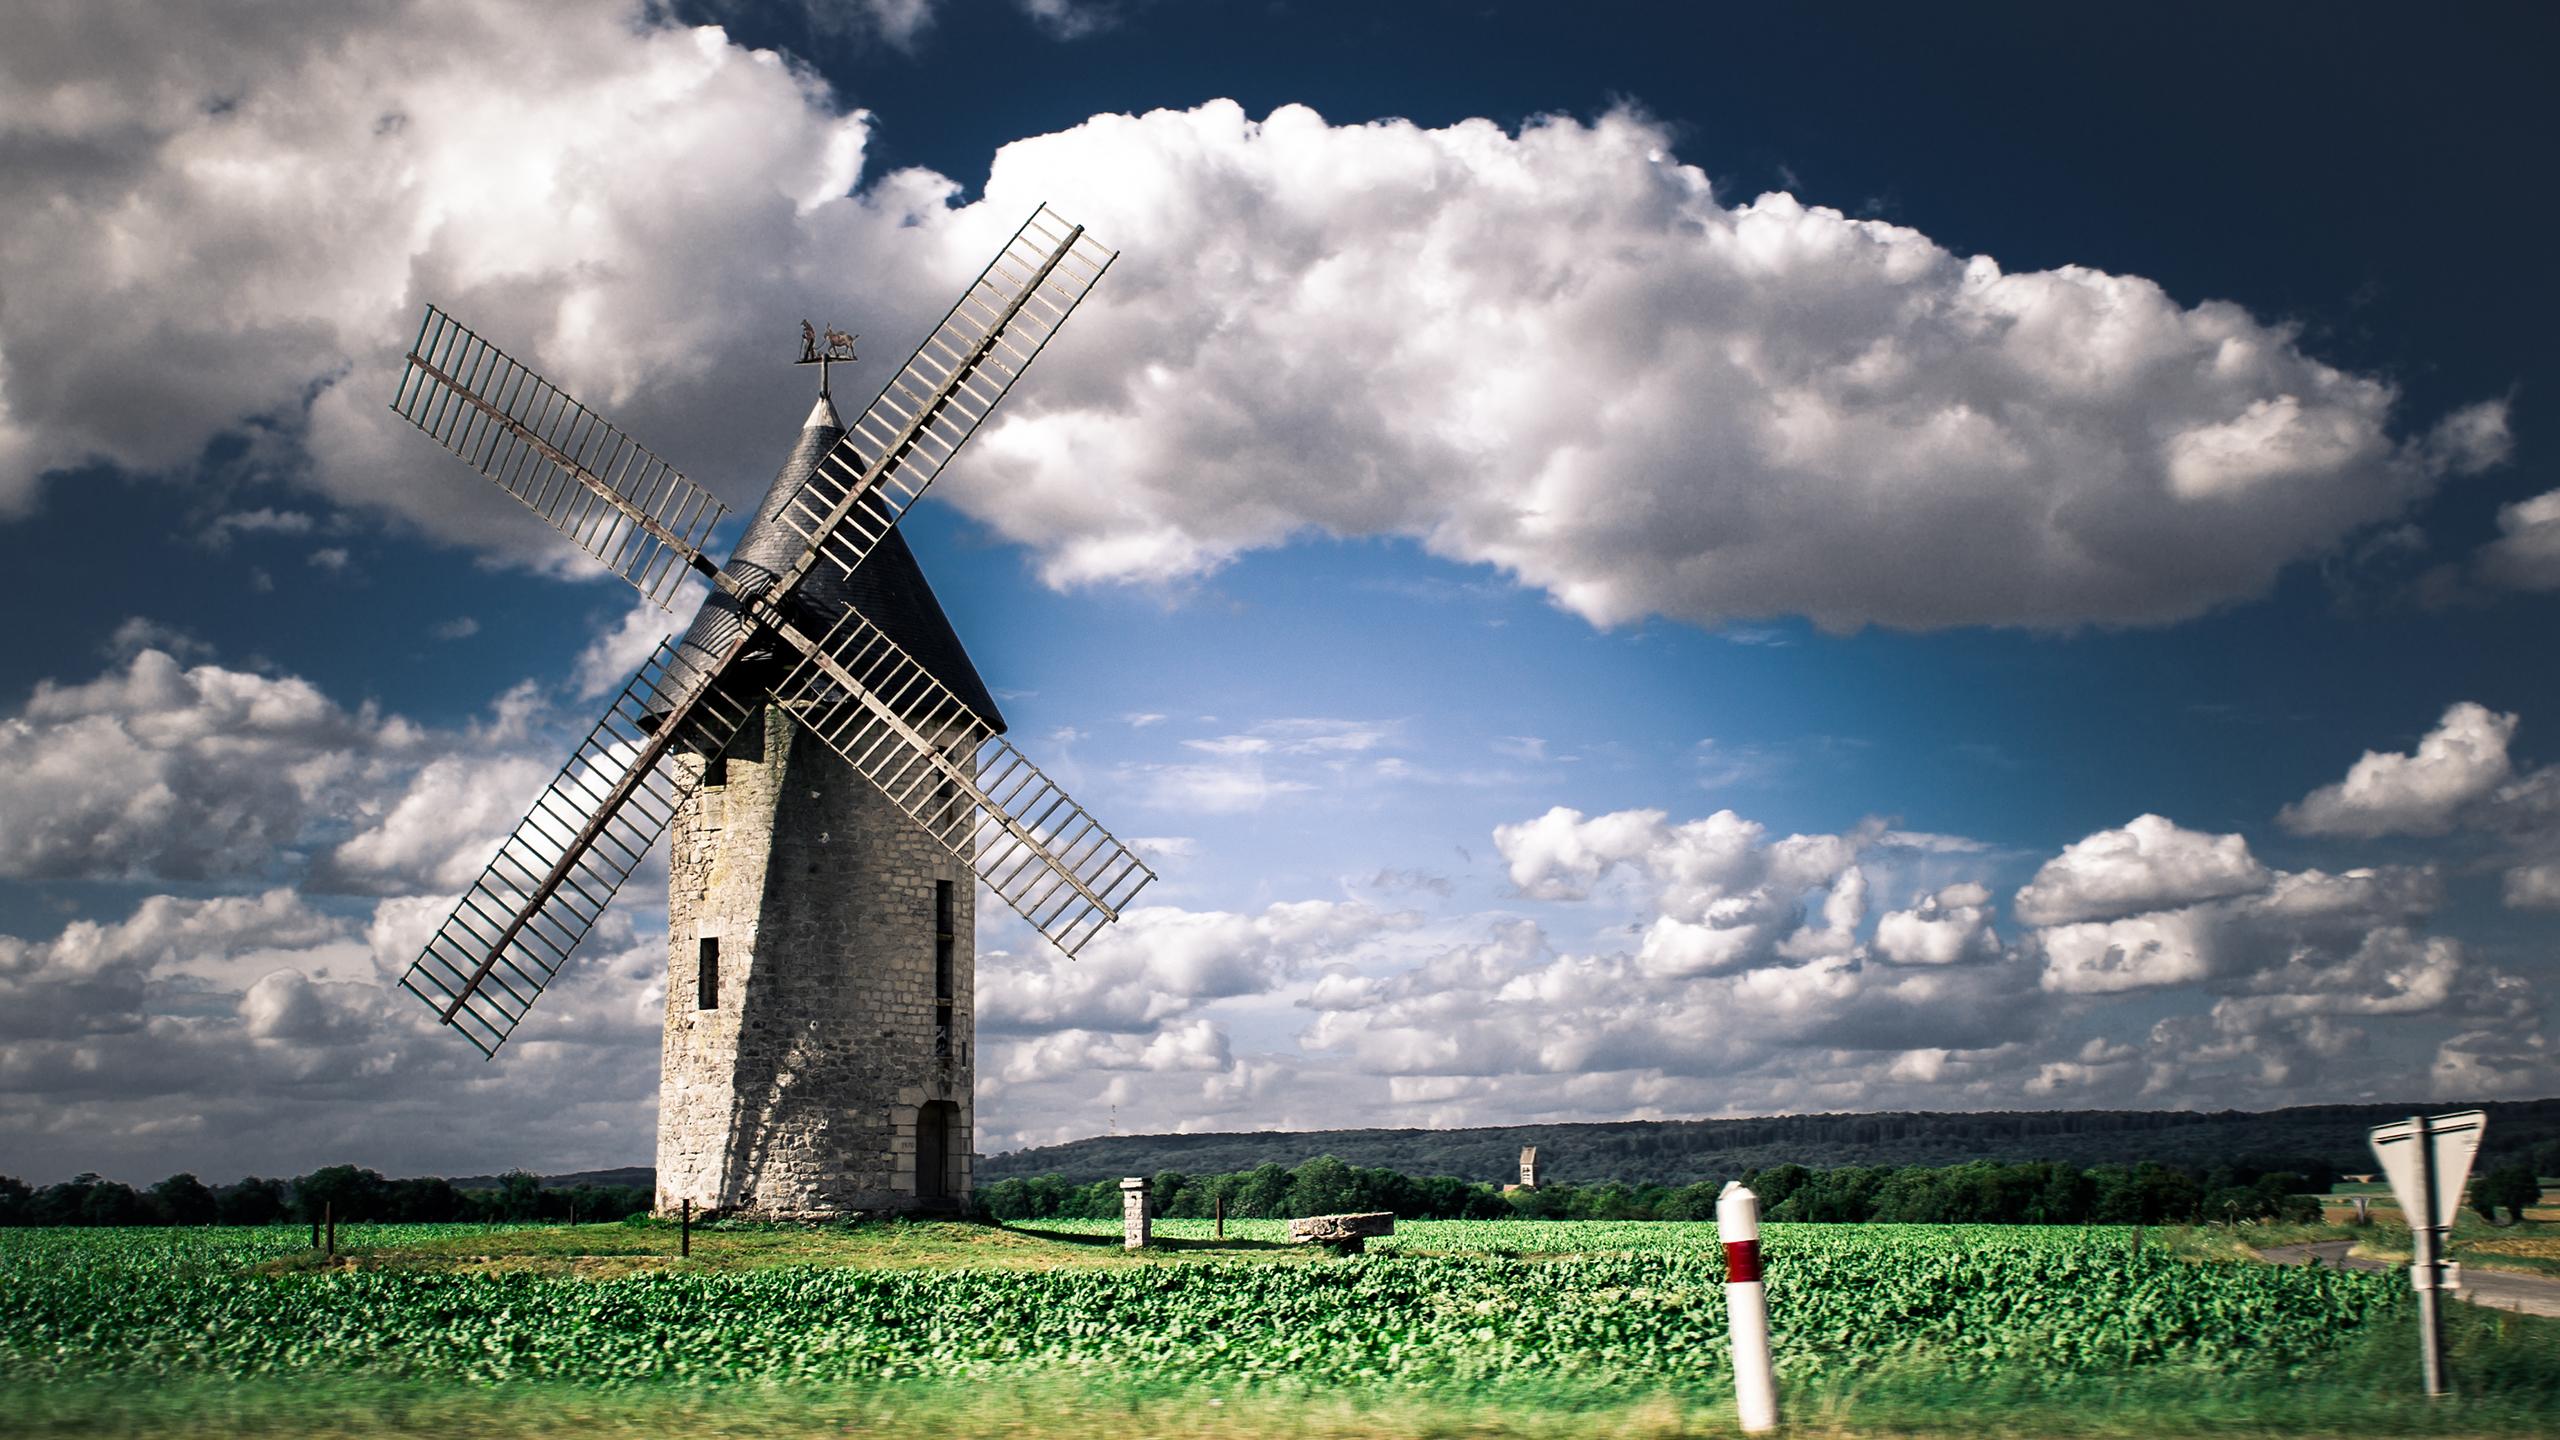 2560x1440 Windmill desktop PC and Mac wallpaper 2560x1440